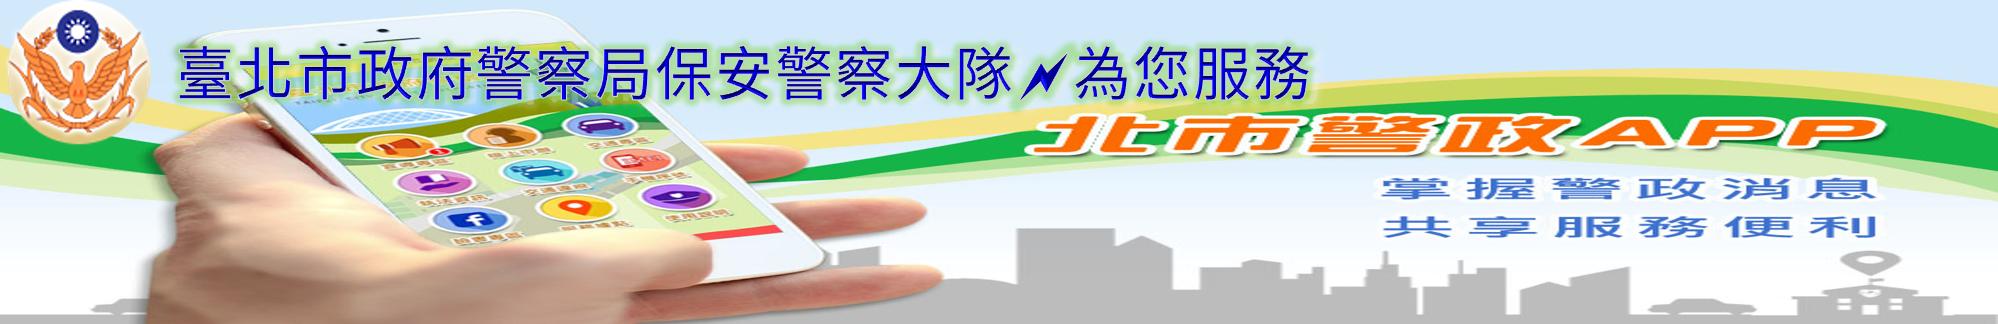 臺北市政府警察局保安警察大隊為您服務